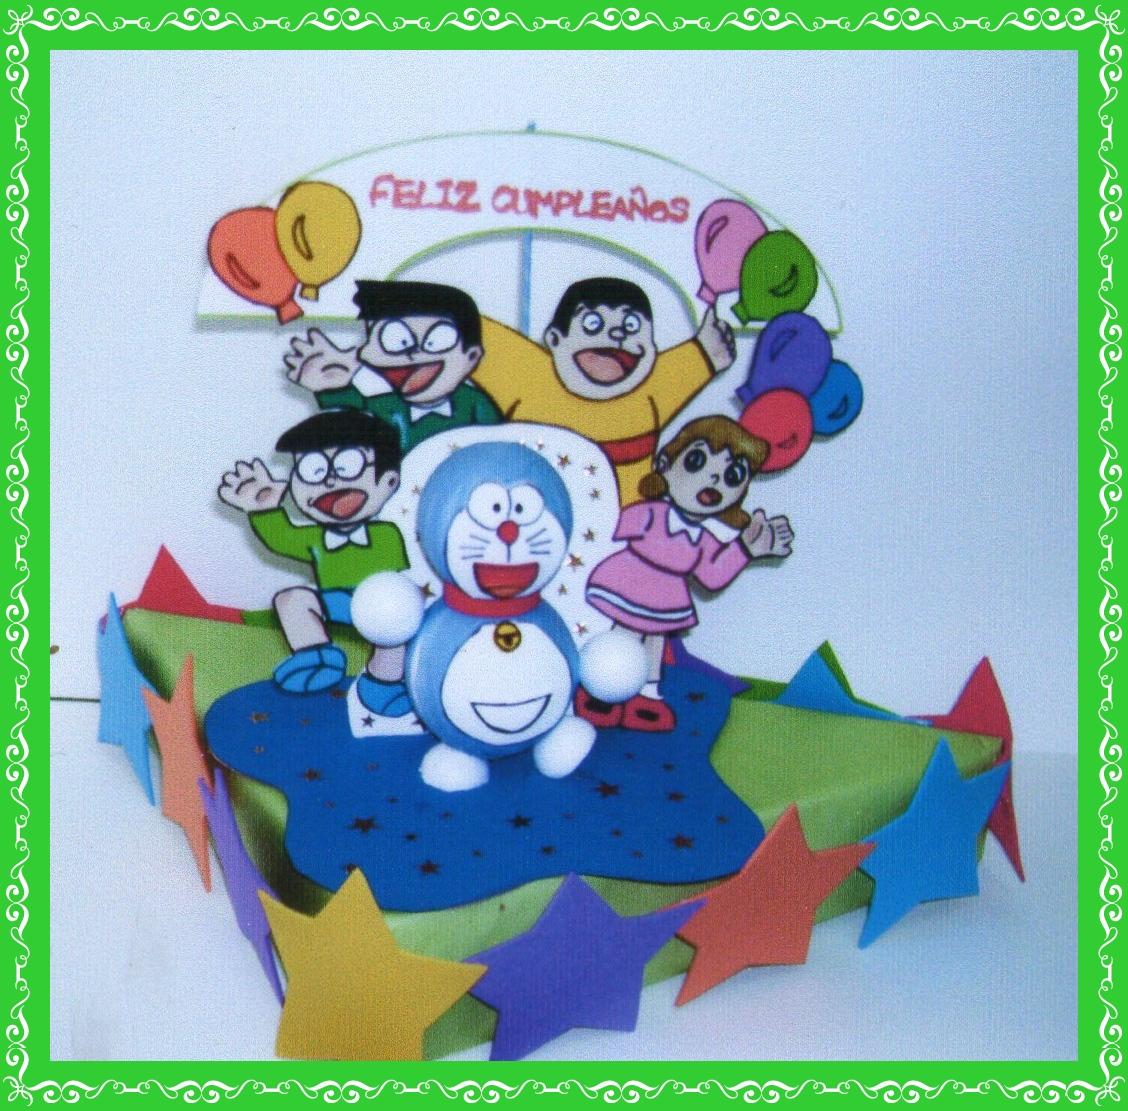 Manualidades y decoracion de fiestas bases para decorar - Manualidades decoracion cumpleanos ...